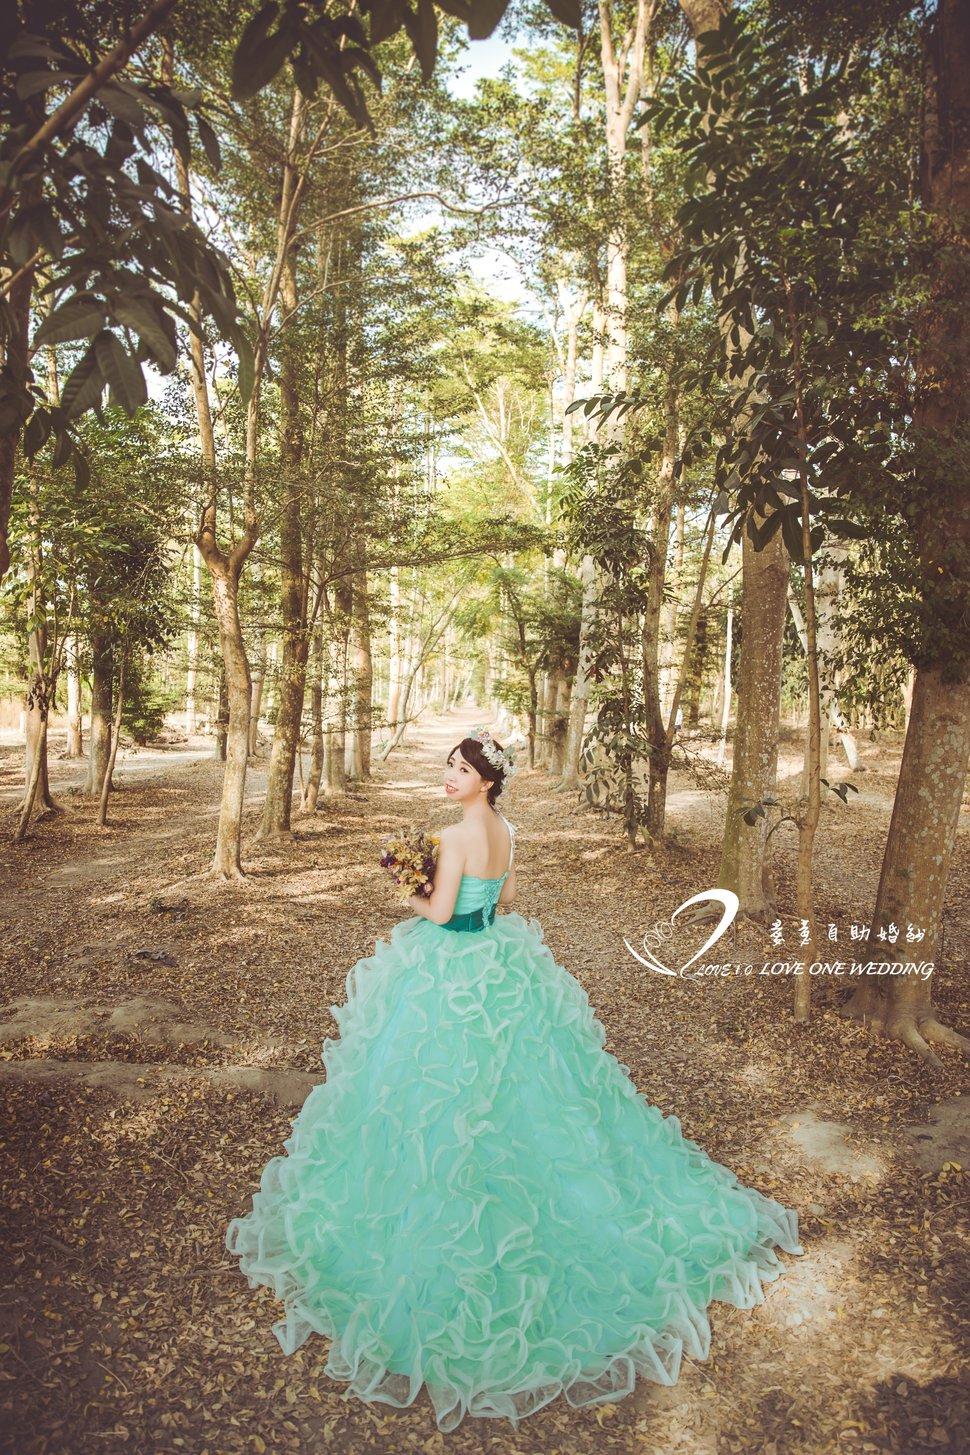 高雄愛意自助婚紗台南景點41 - 高雄婚紗愛意婚紗攝影工作室《結婚吧》